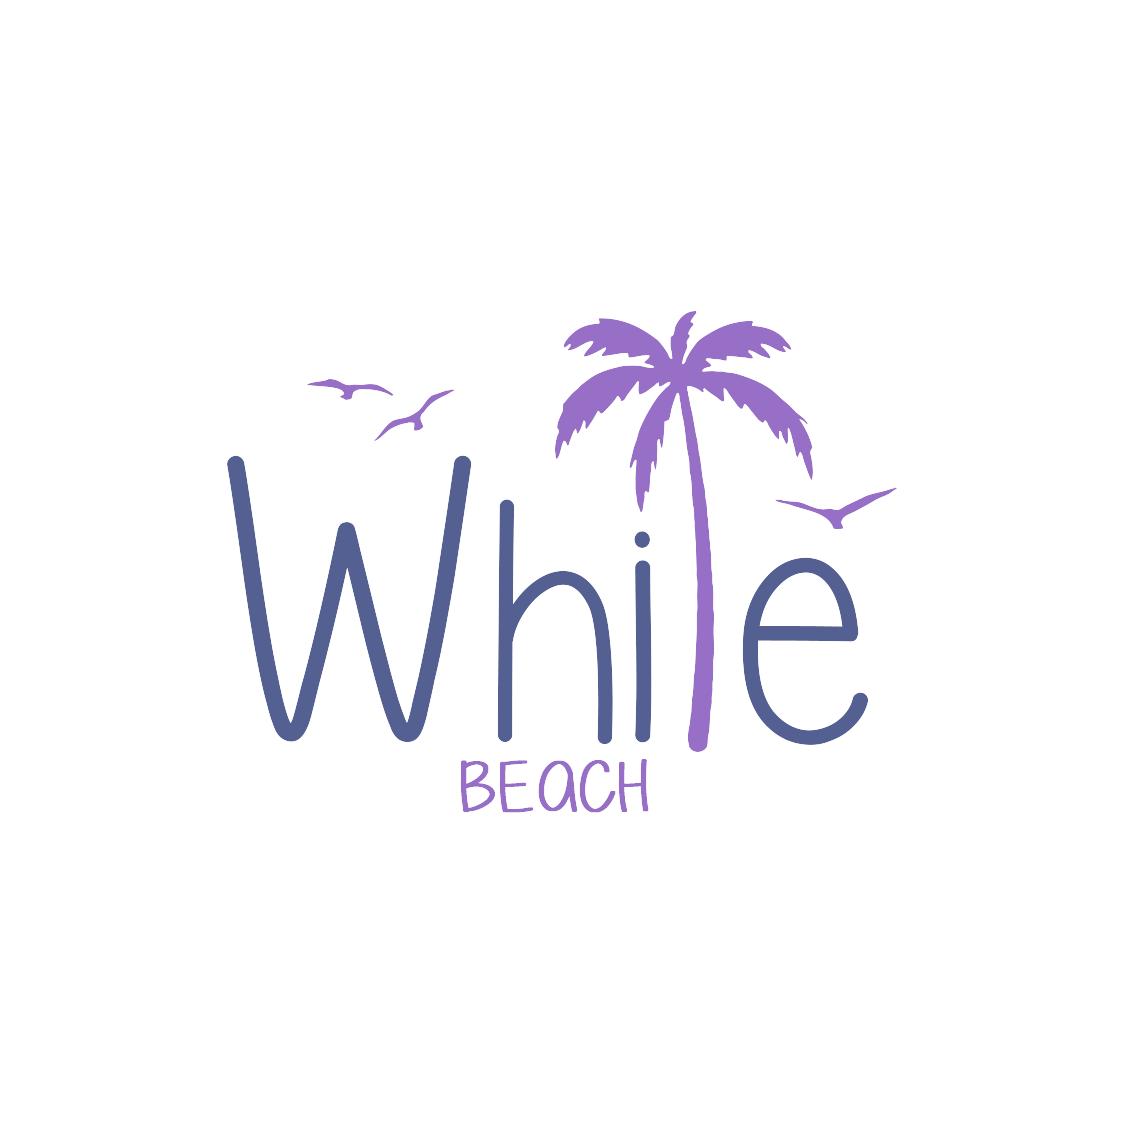 logo whit1e